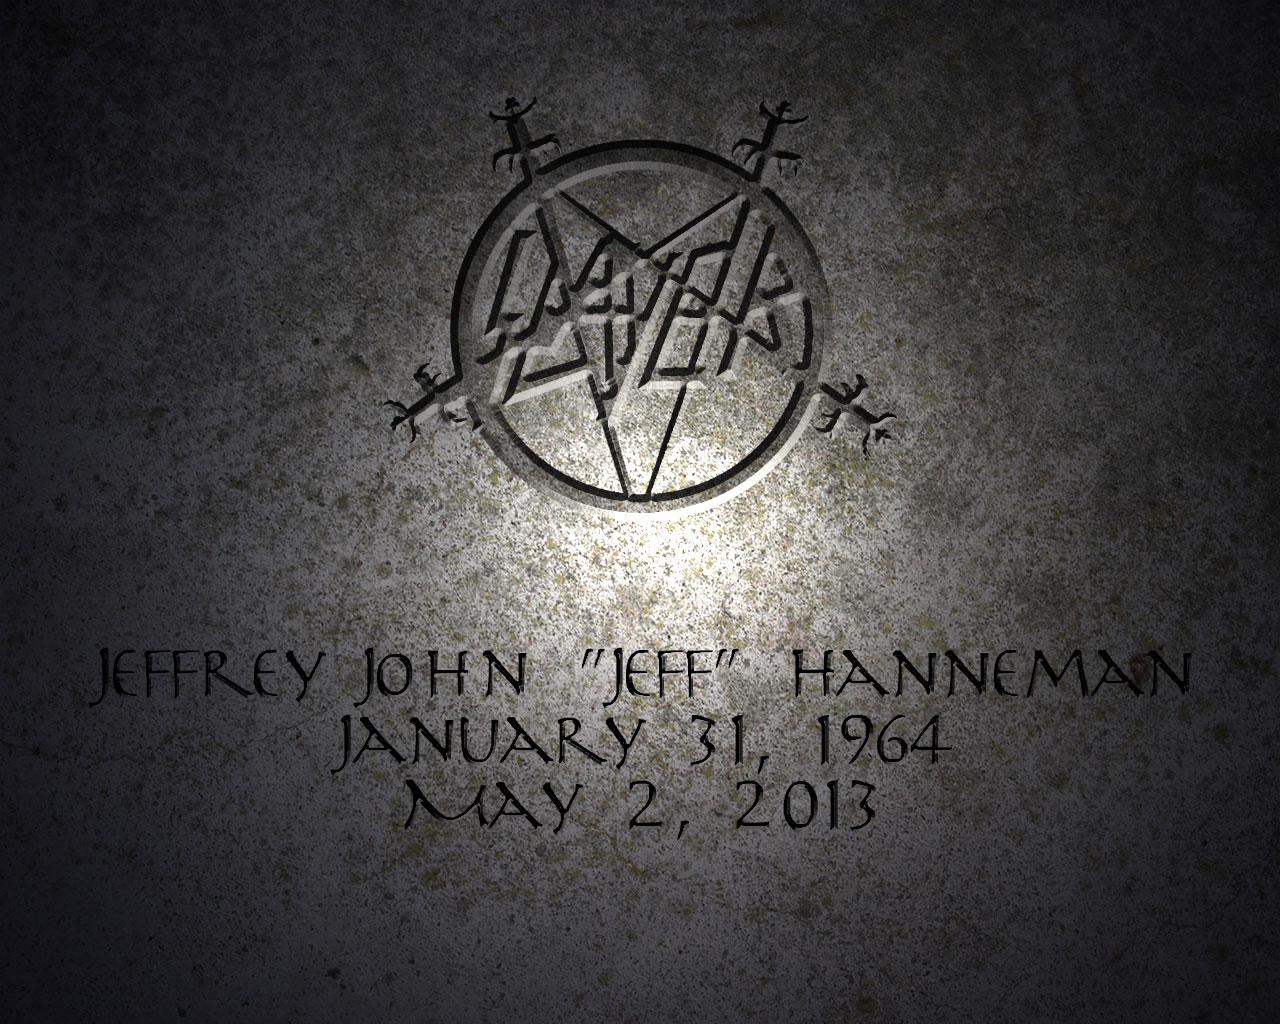 Jeff Hanneman by EcceR86 on DeviantArt